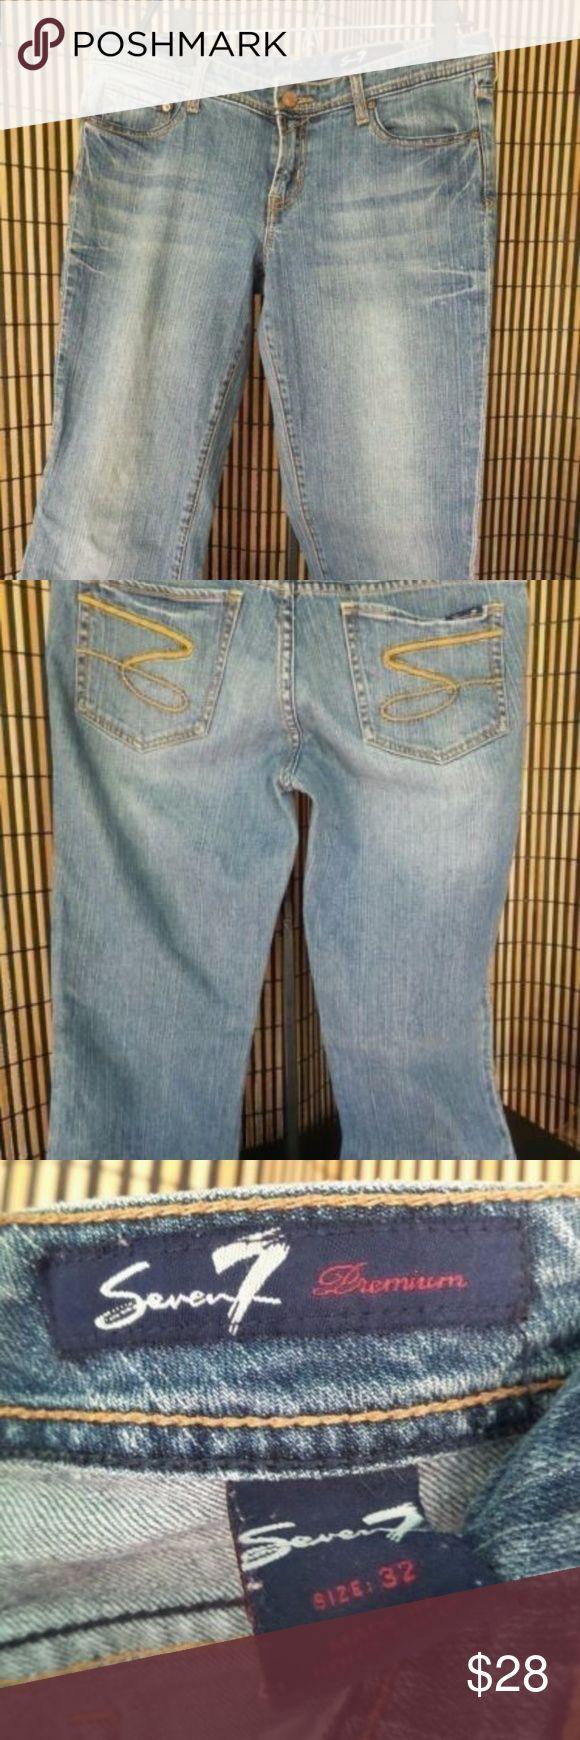 7 SEVEN WOMEN'S JEANS PREMIUM SZ 32 X 26  BOOTCUT 7 SEVEN WOMEN'S JEANS PREMIUM SZ 32 X 26  BOOTCUT 9 in Rise Seven7 Pants Boot Cut & Flare